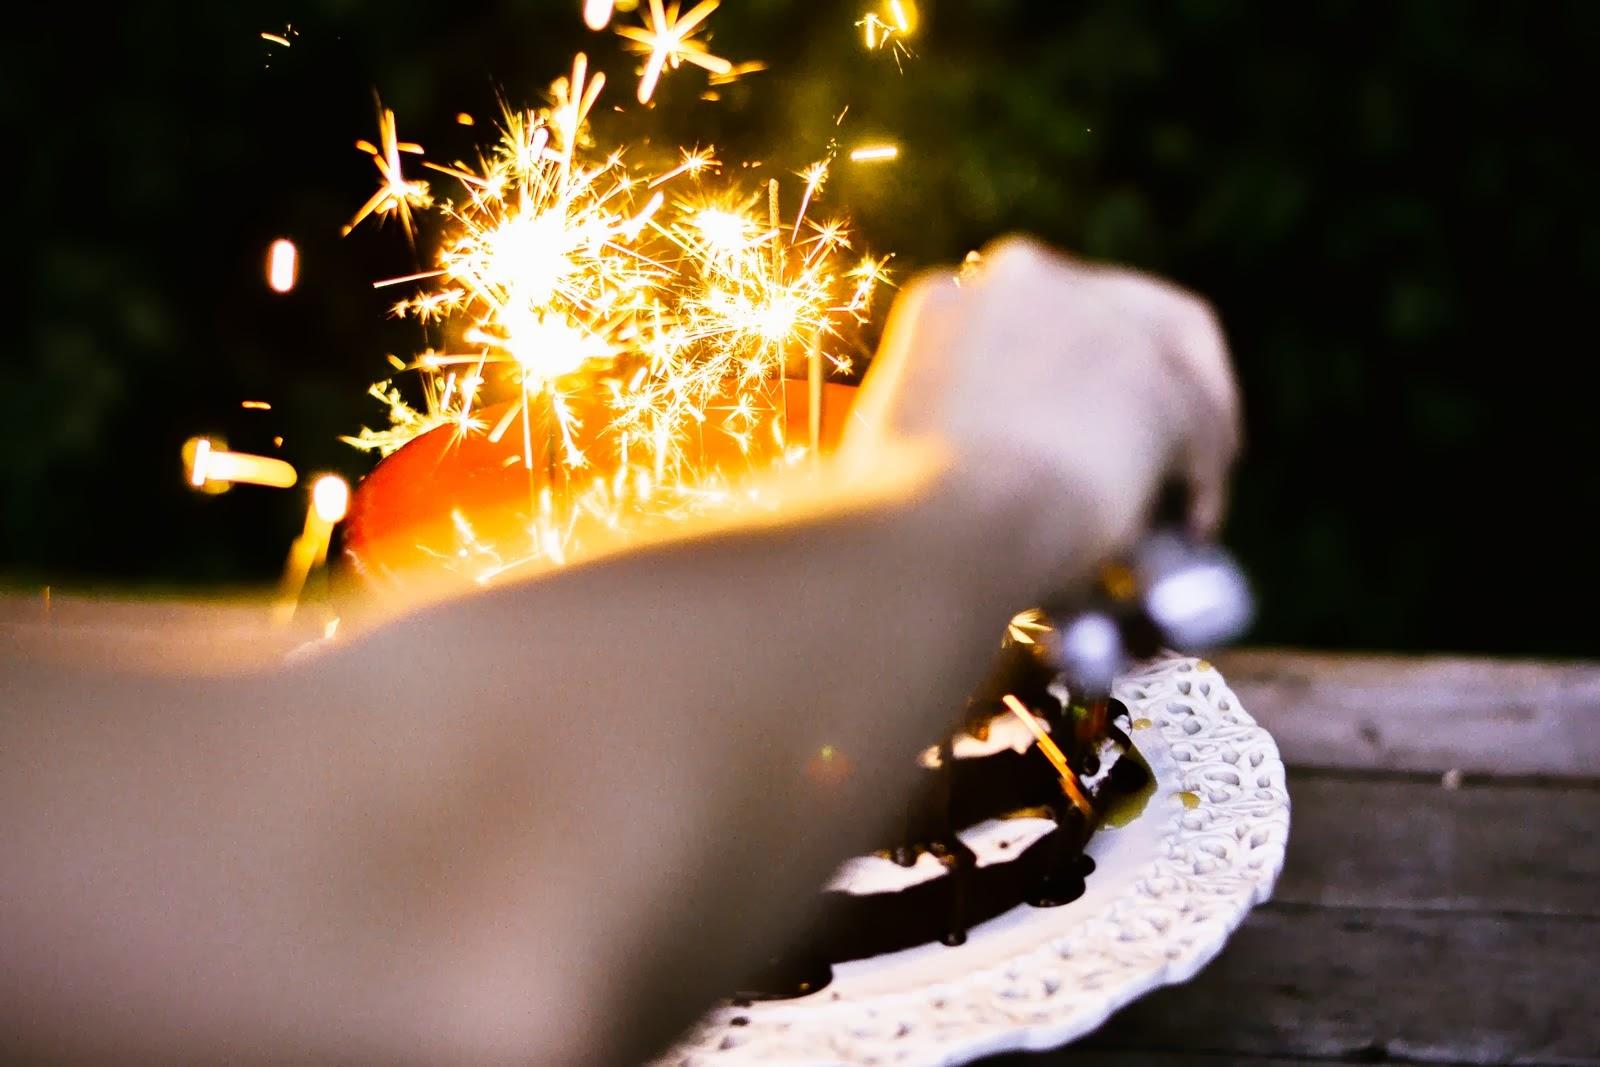 mocha+bday+cake-15.jpg